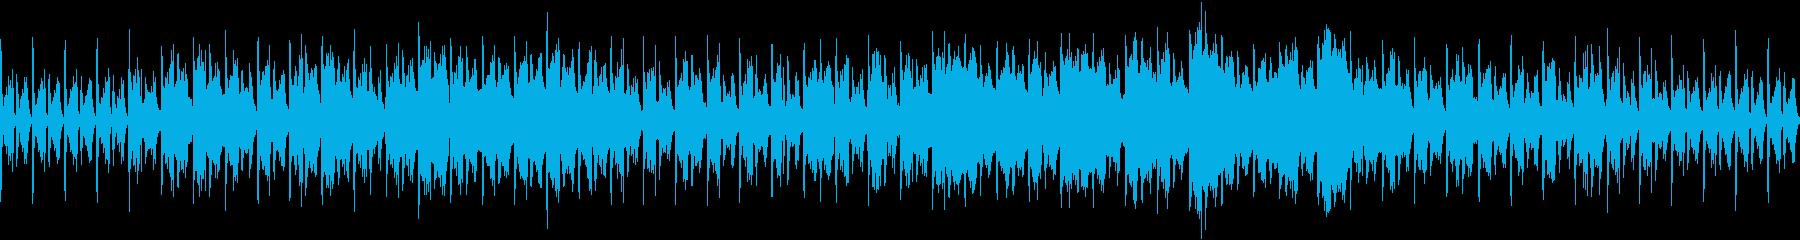 マリンバと笛シンセのエレクトロニカです…の再生済みの波形